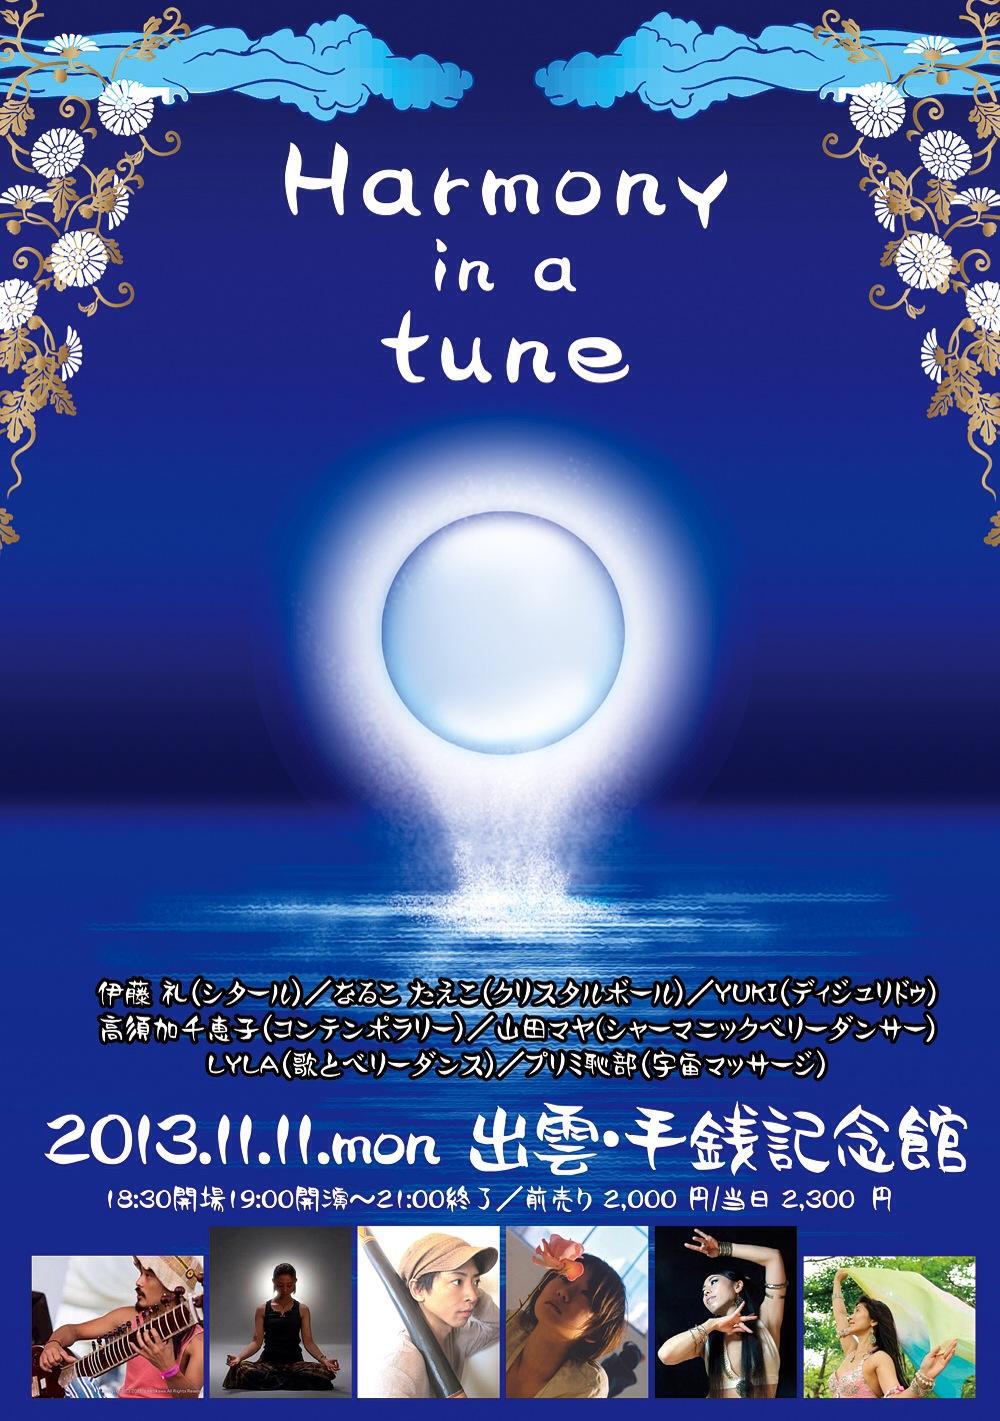 2013/11/11 手銭美術館